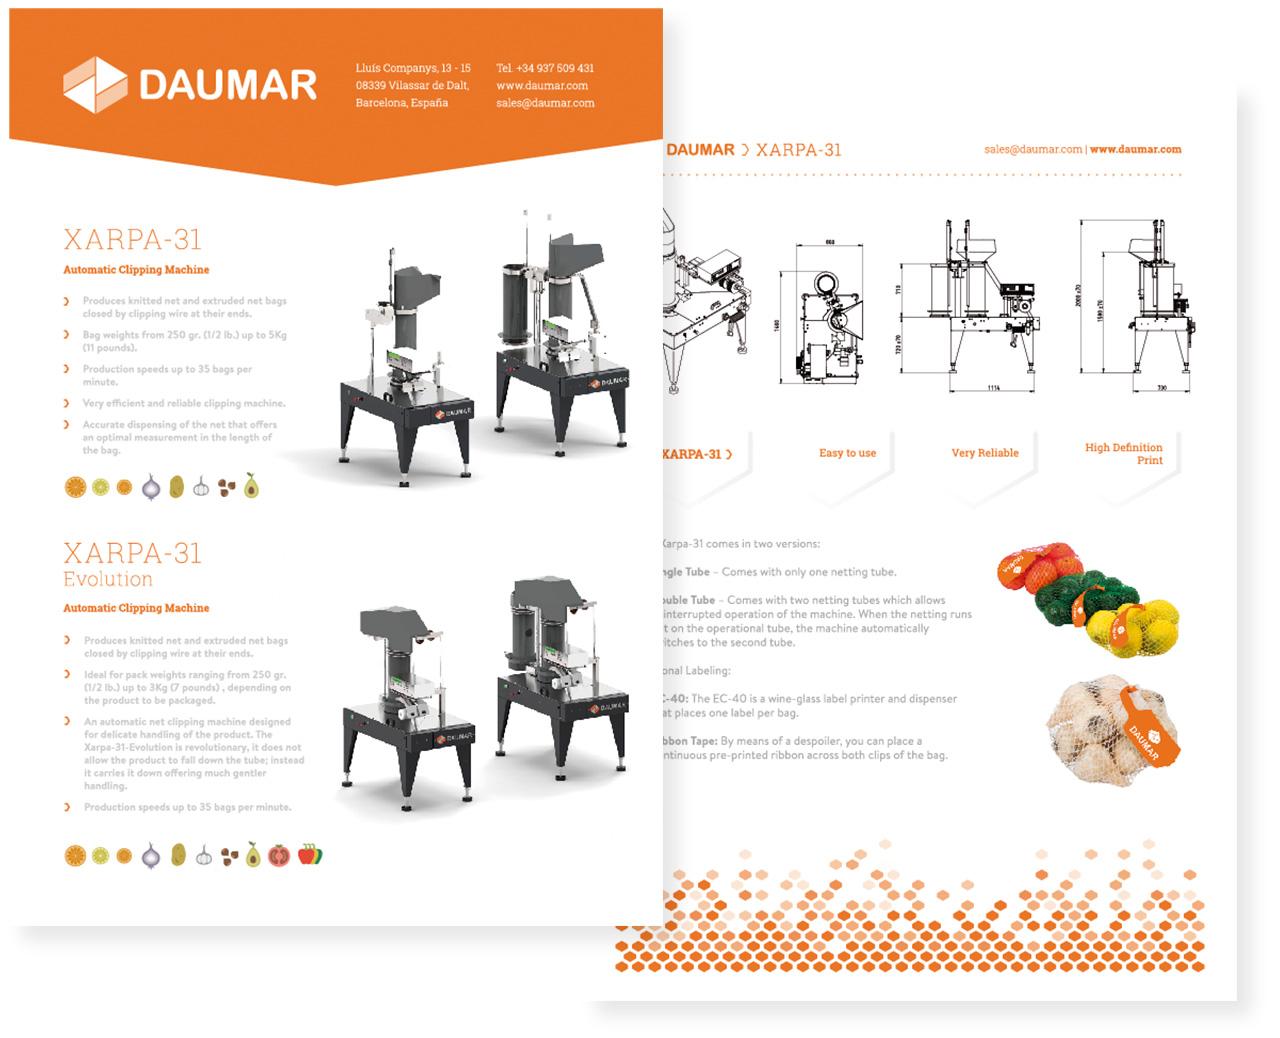 daumar2-1